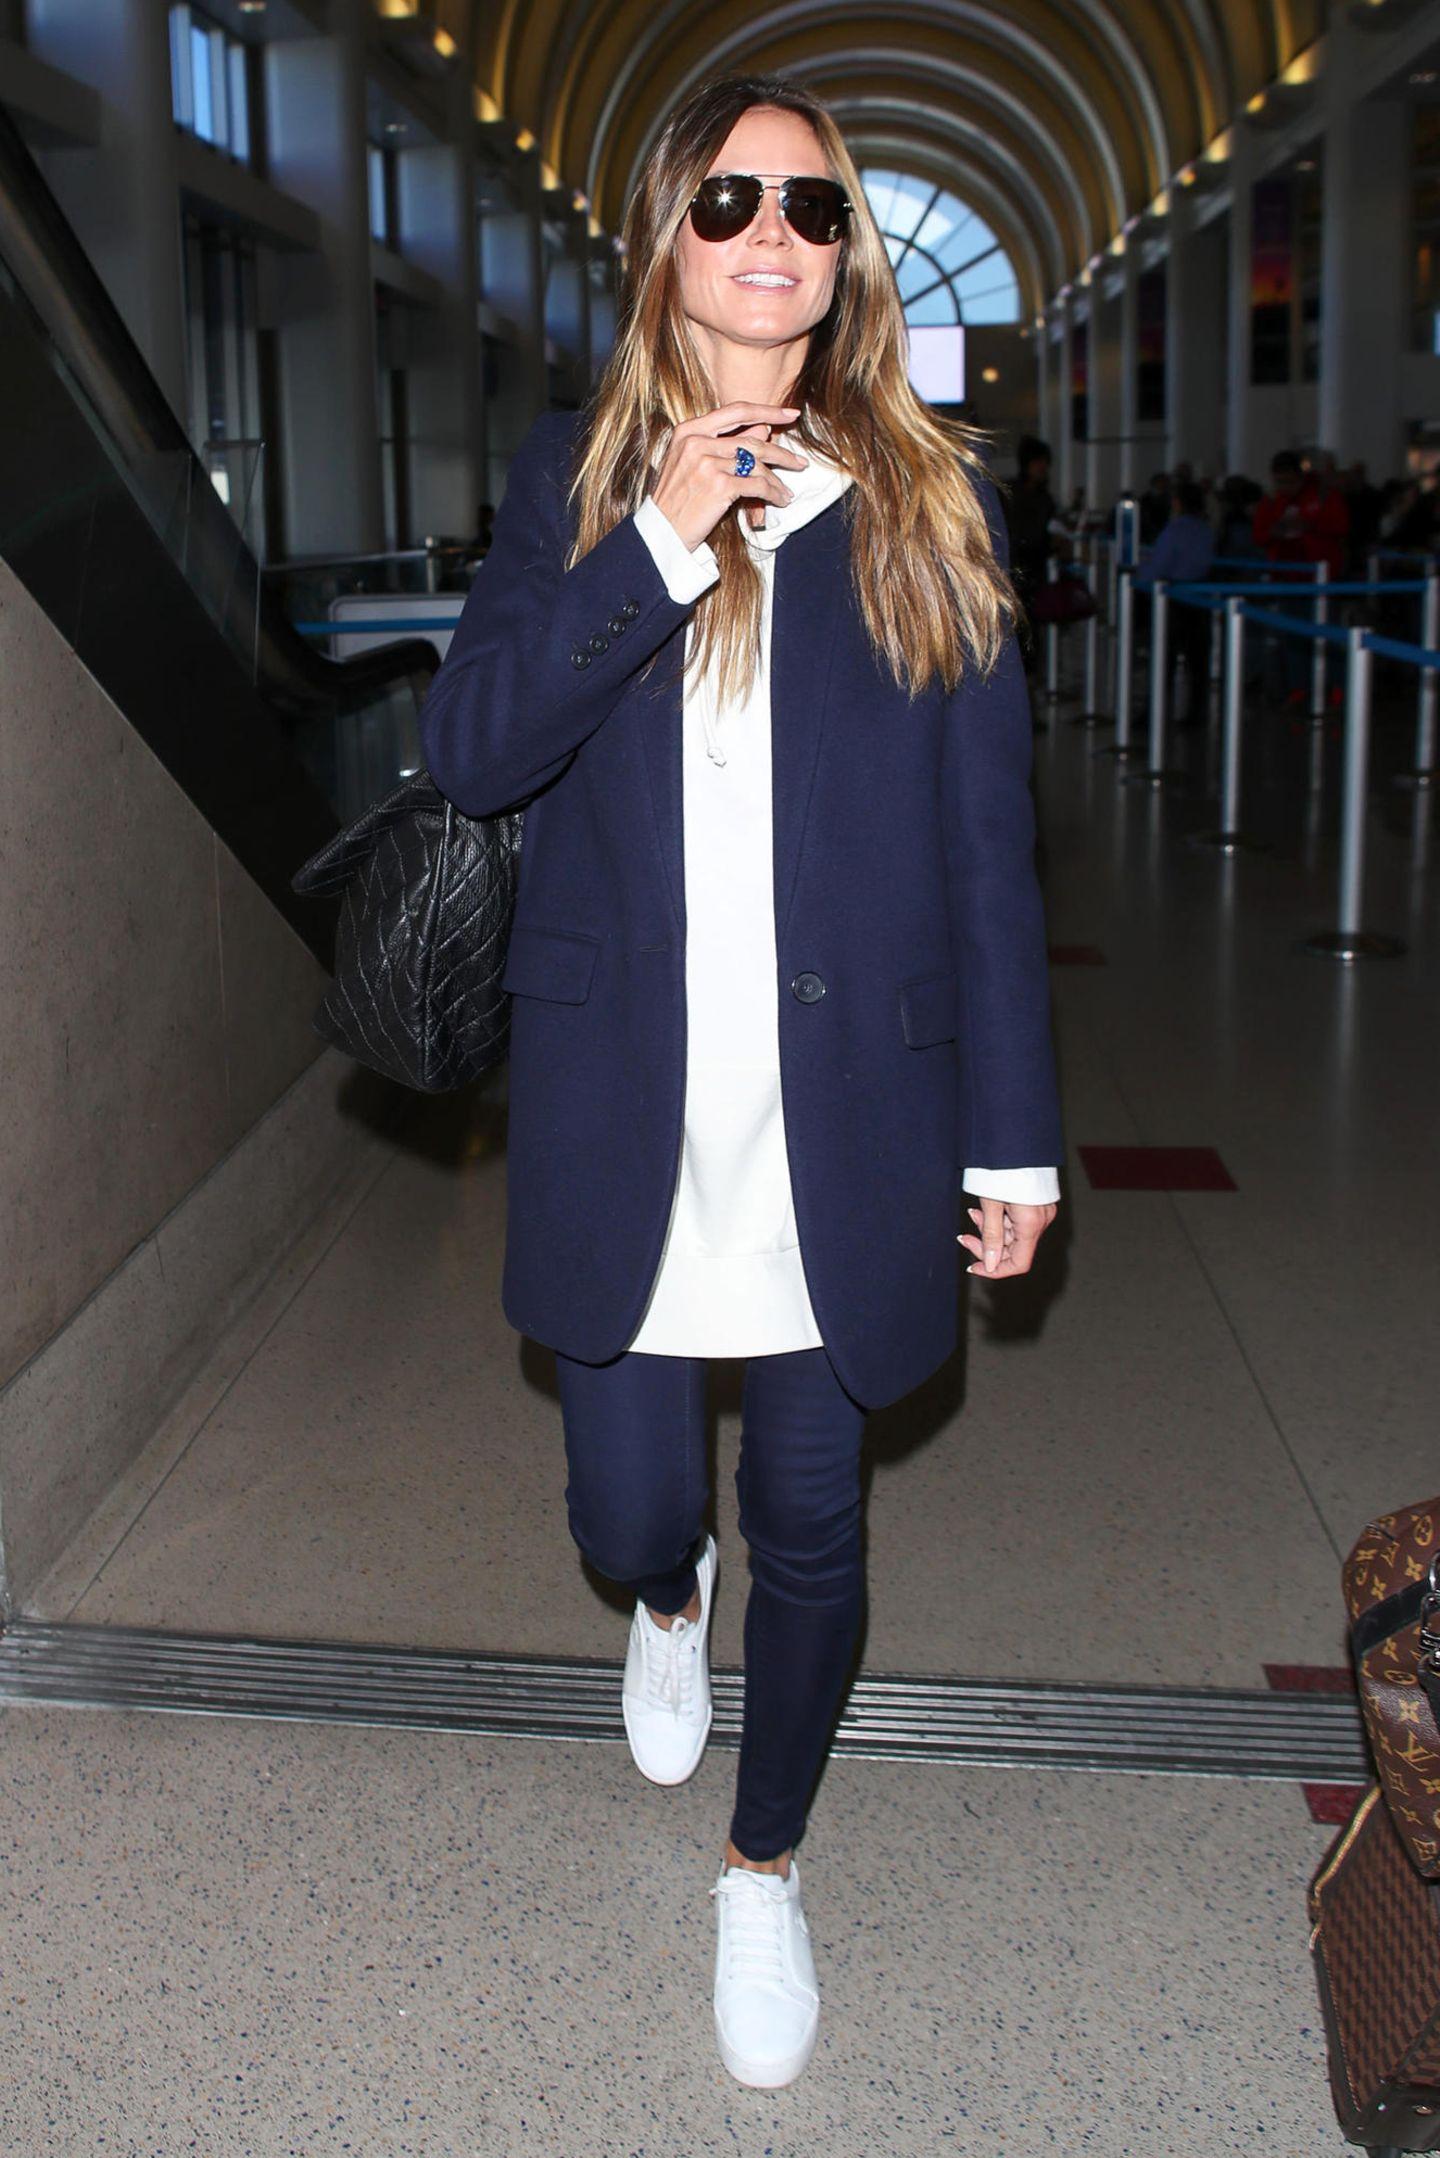 Dieser Mantel kommt uns doch verdächtig bekannt vor! Offensichtlich scheint Model Heidi Klum mit kleinem Gepäck unterwegs zu sein oder einfach ein neues Lieblingsteil zu haben, dass sie unbedingt von New York nach Los Angeles mitnehmen muss.